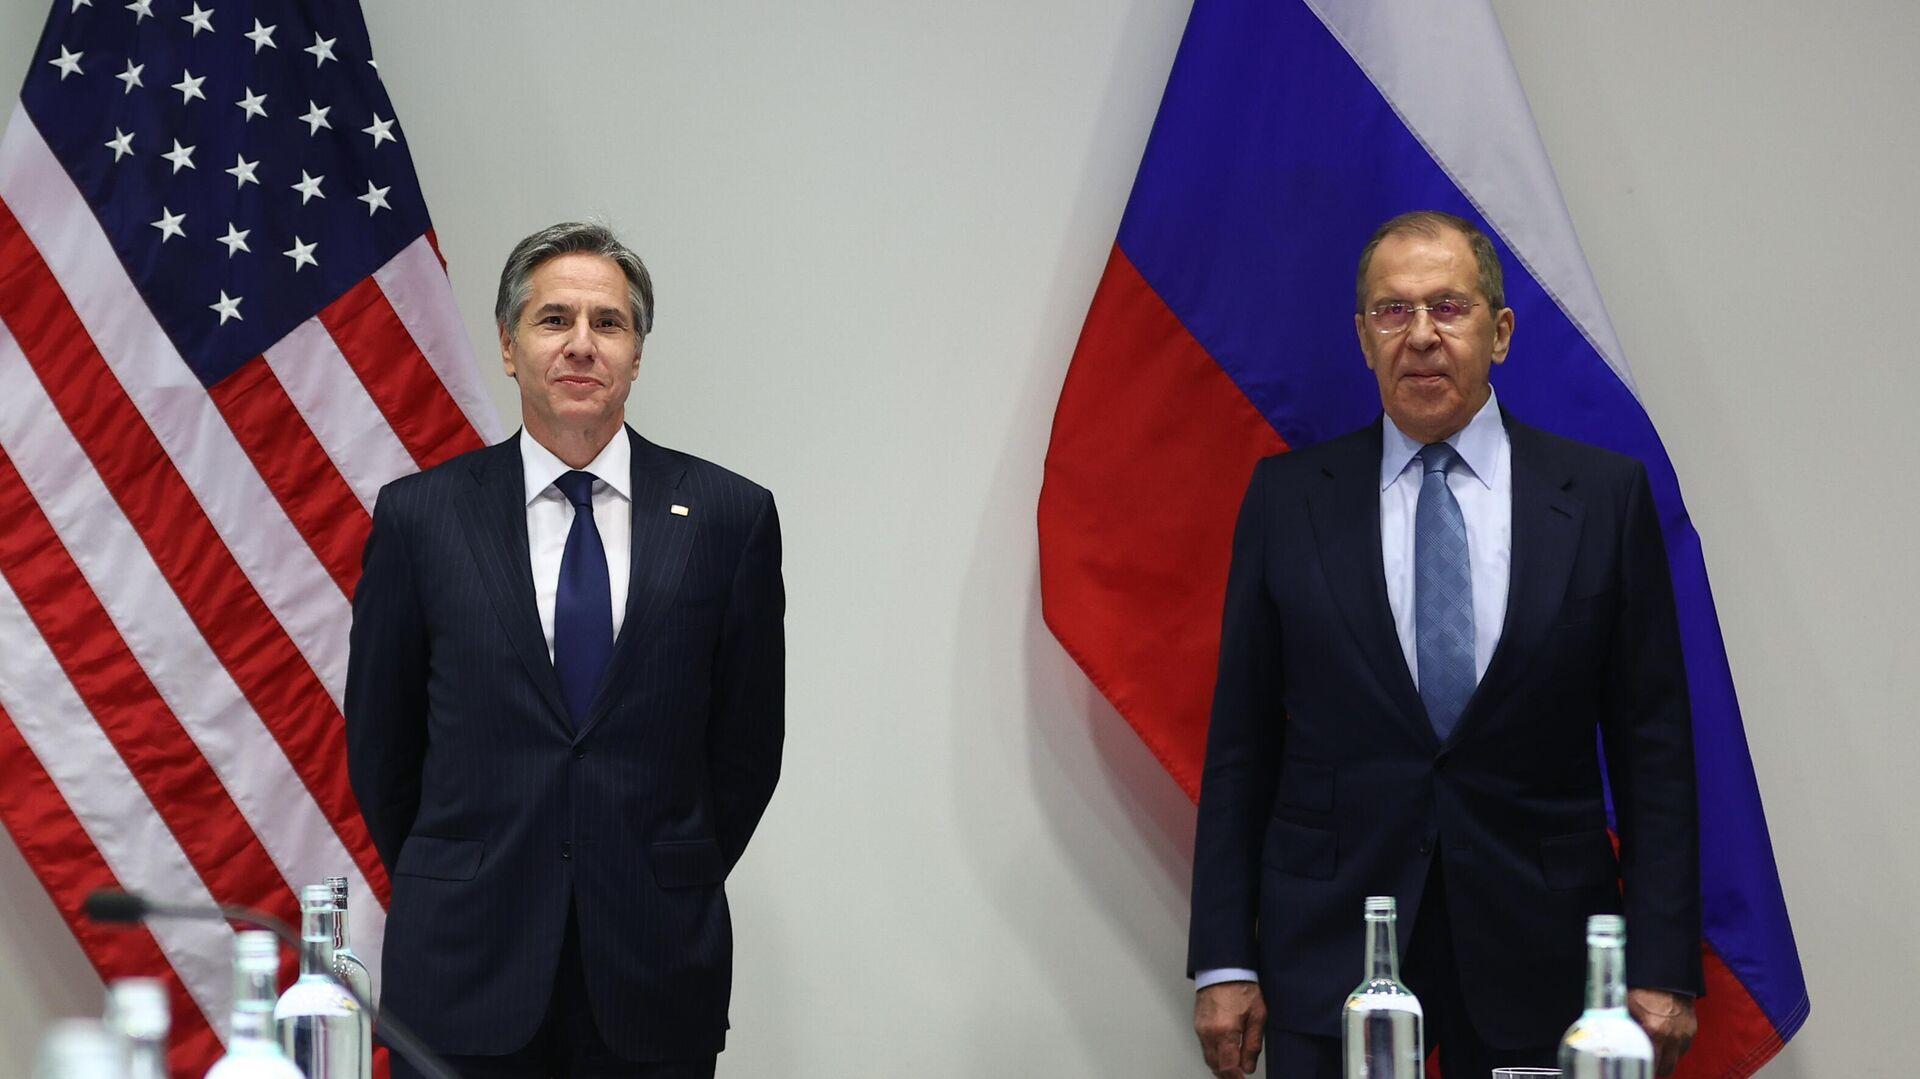 Schůzka ruského ministra zahraničí Sergeje Lavrova a amerického ministra zahraničí Antony Blinkena - Sputnik Česká republika, 1920, 24.05.2021